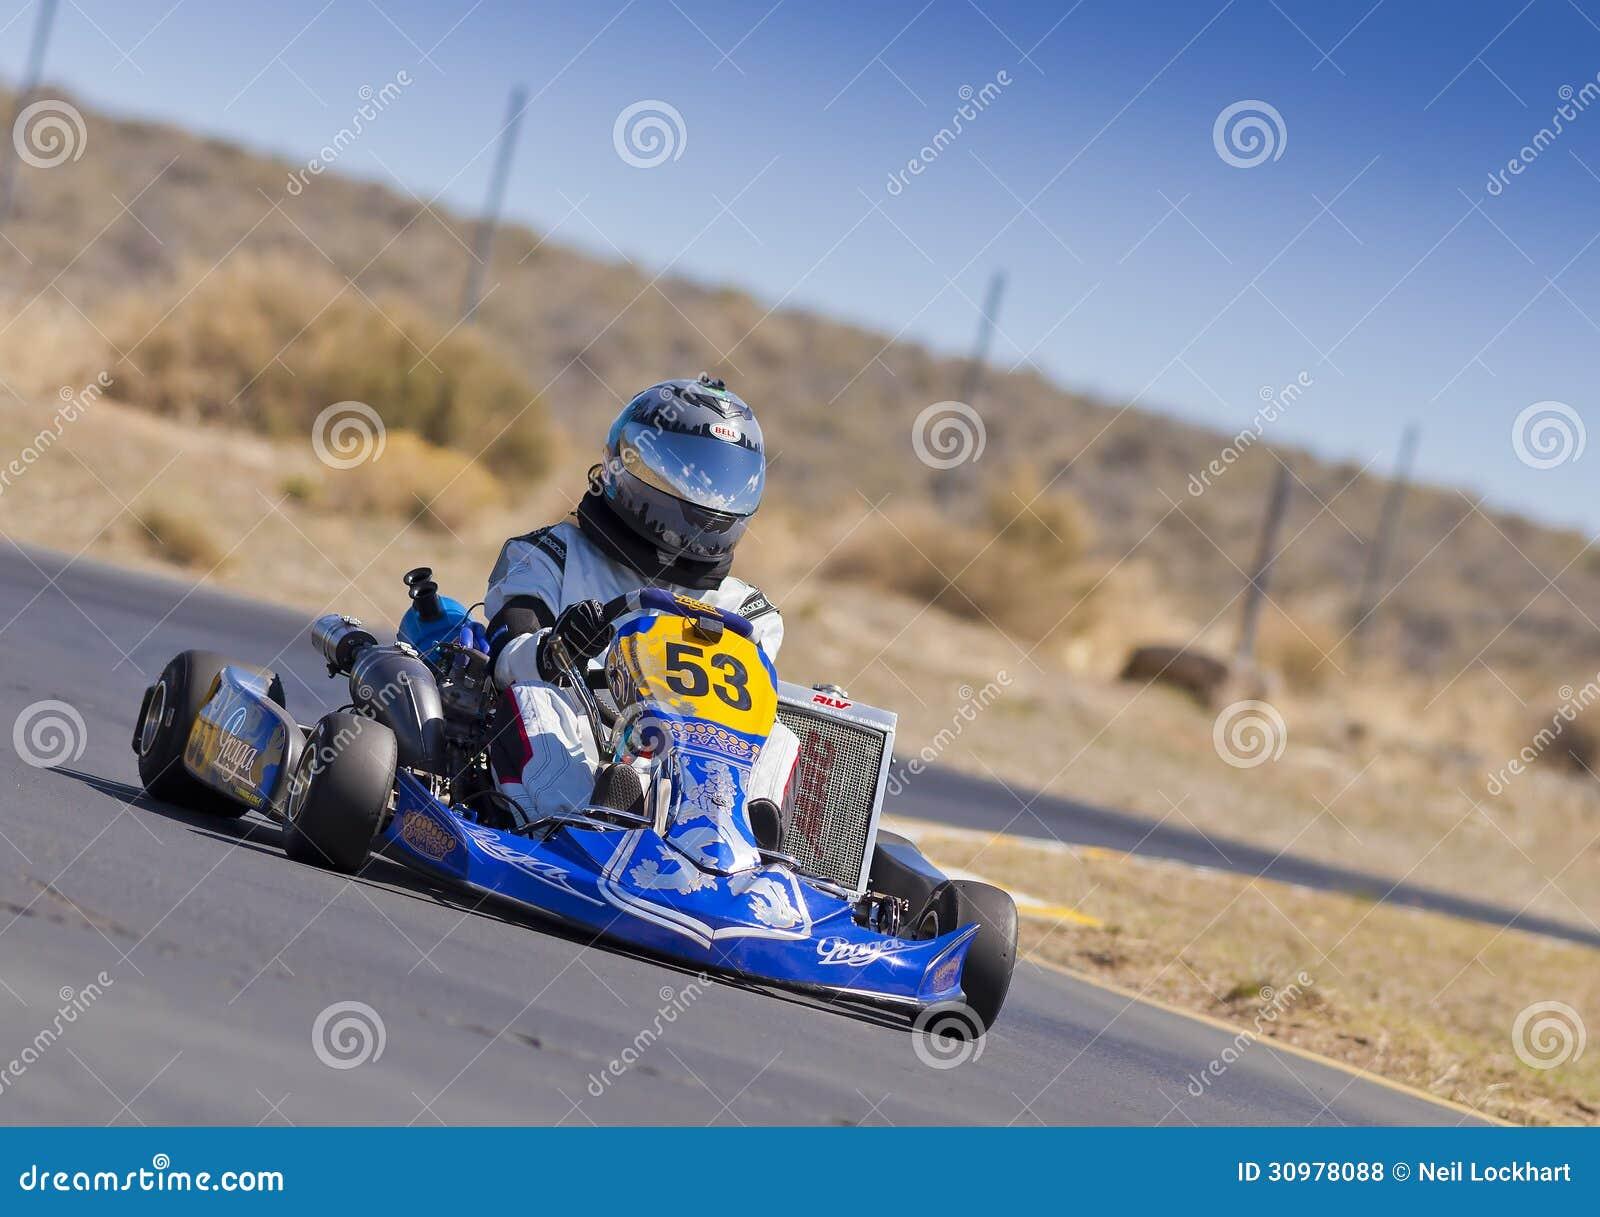 Vont le coureur #53 de kart